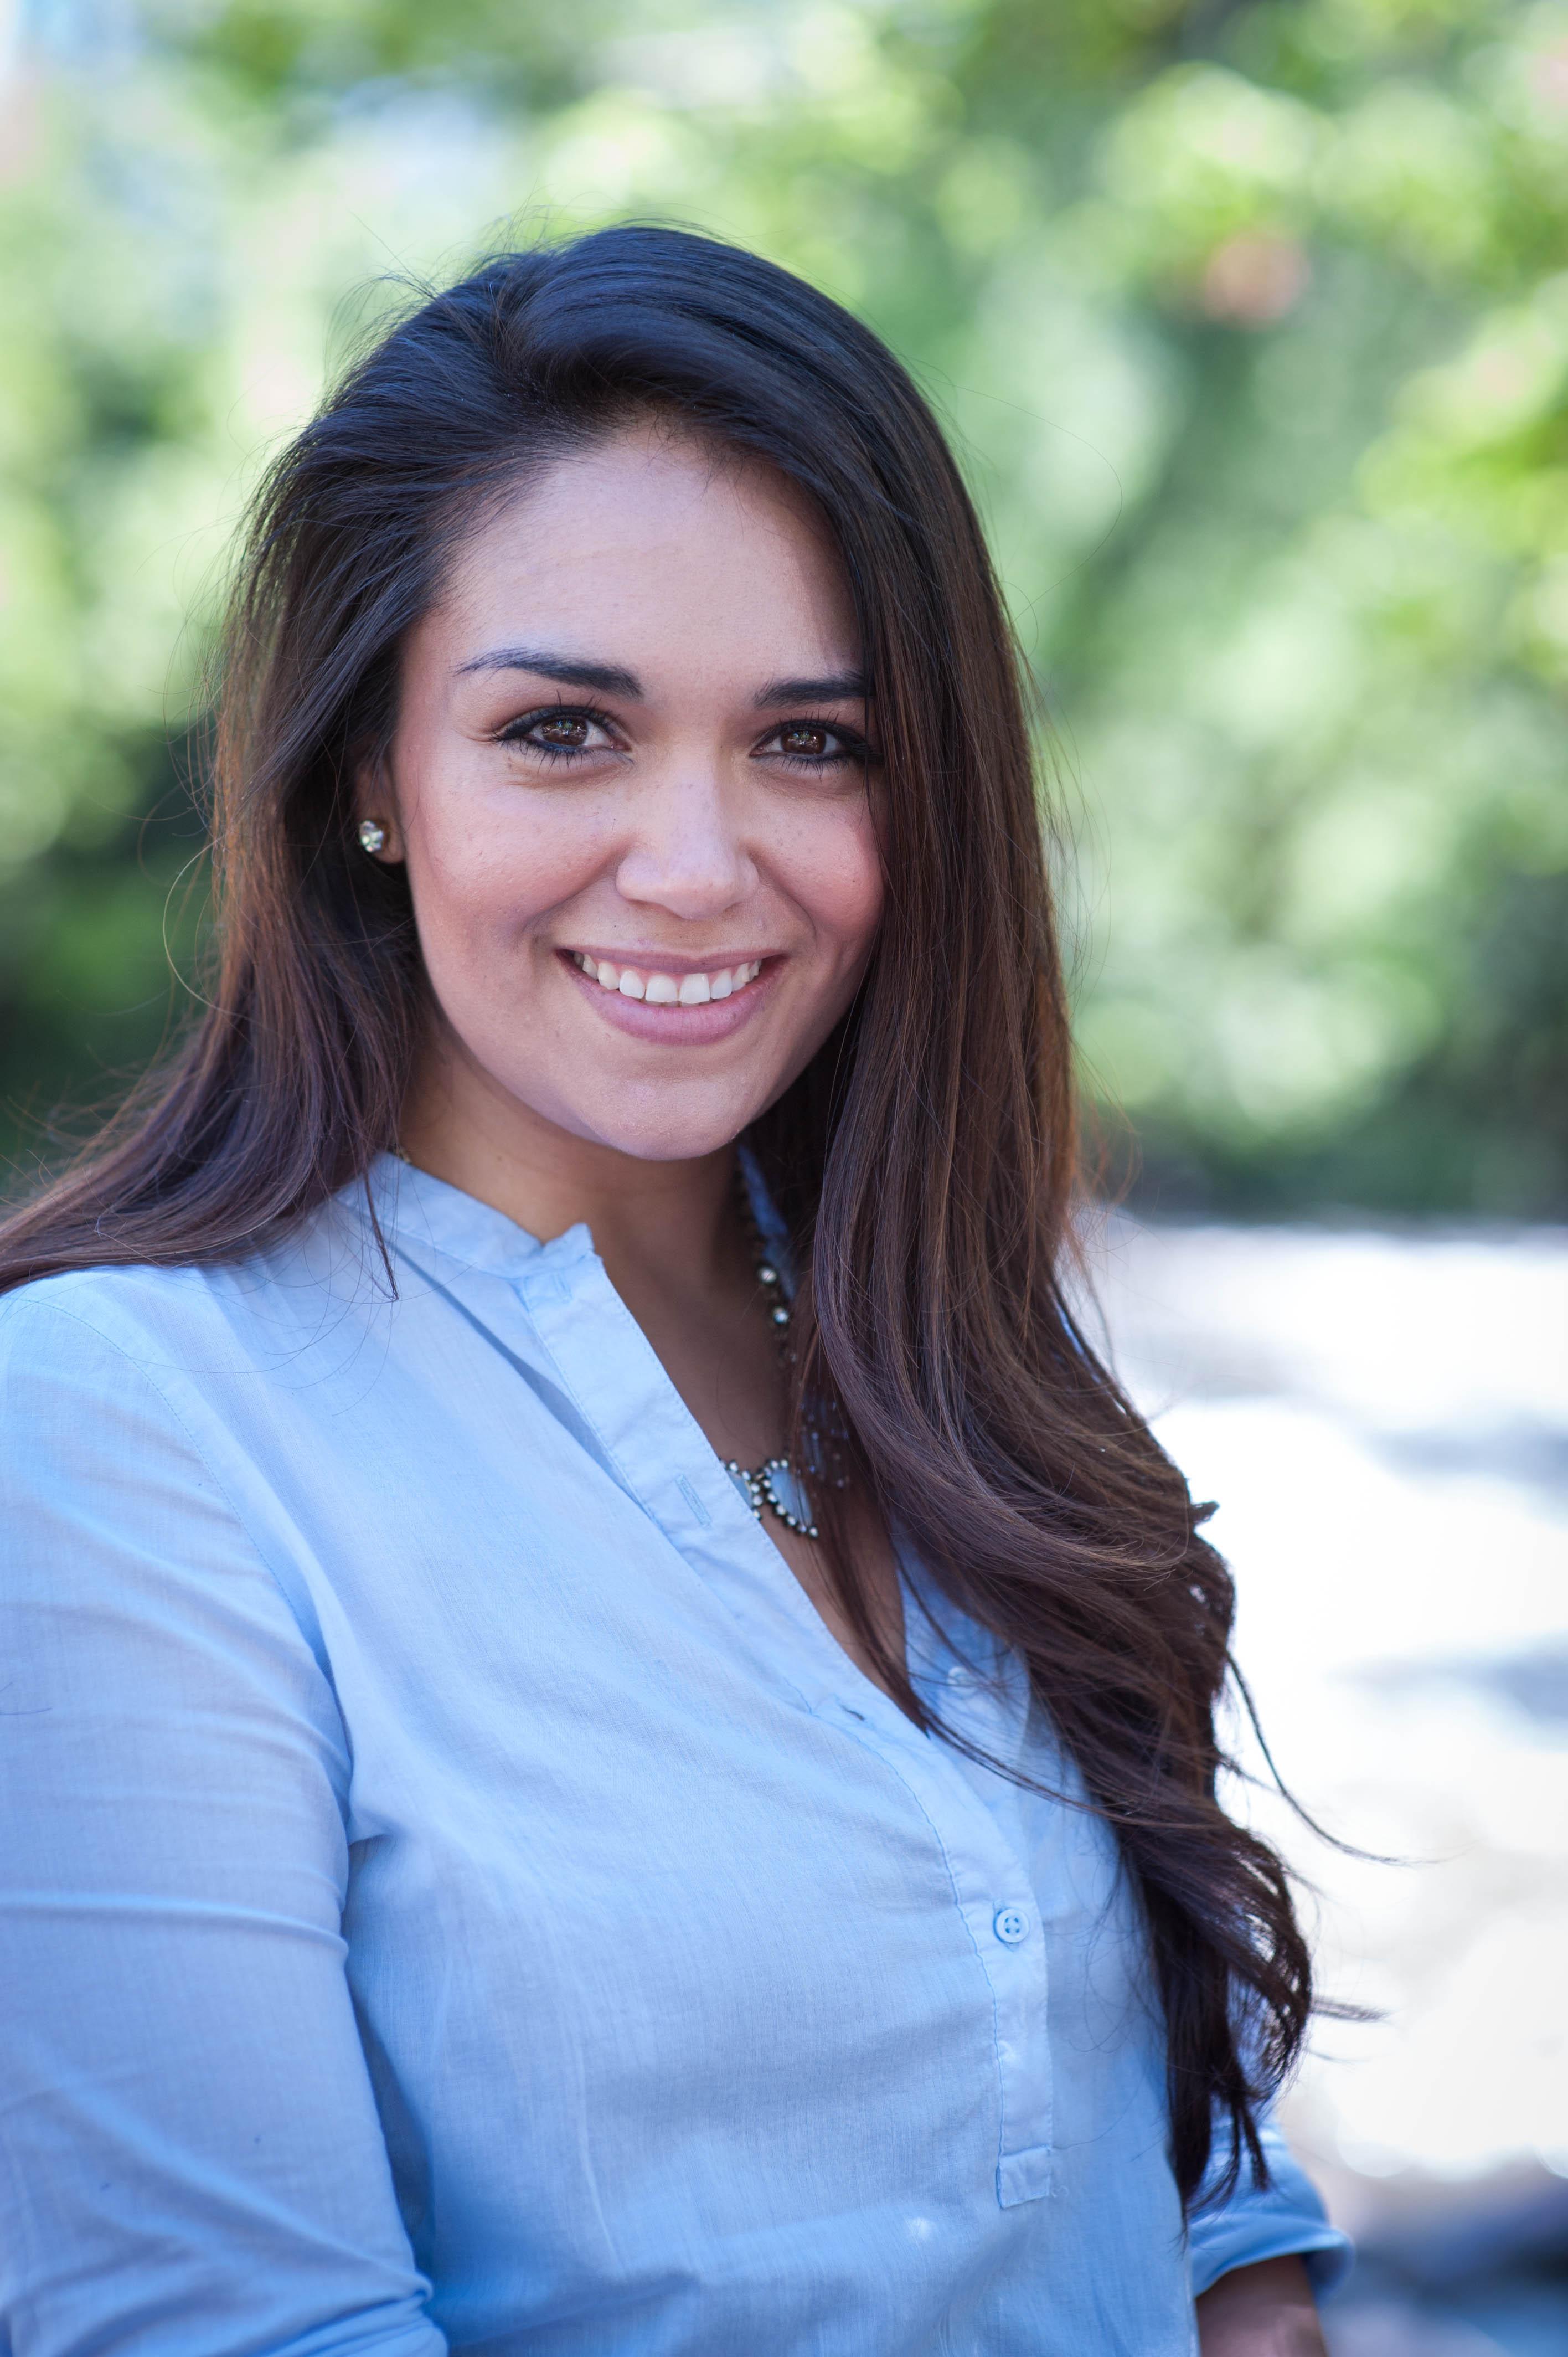 Brooke Cheishvili